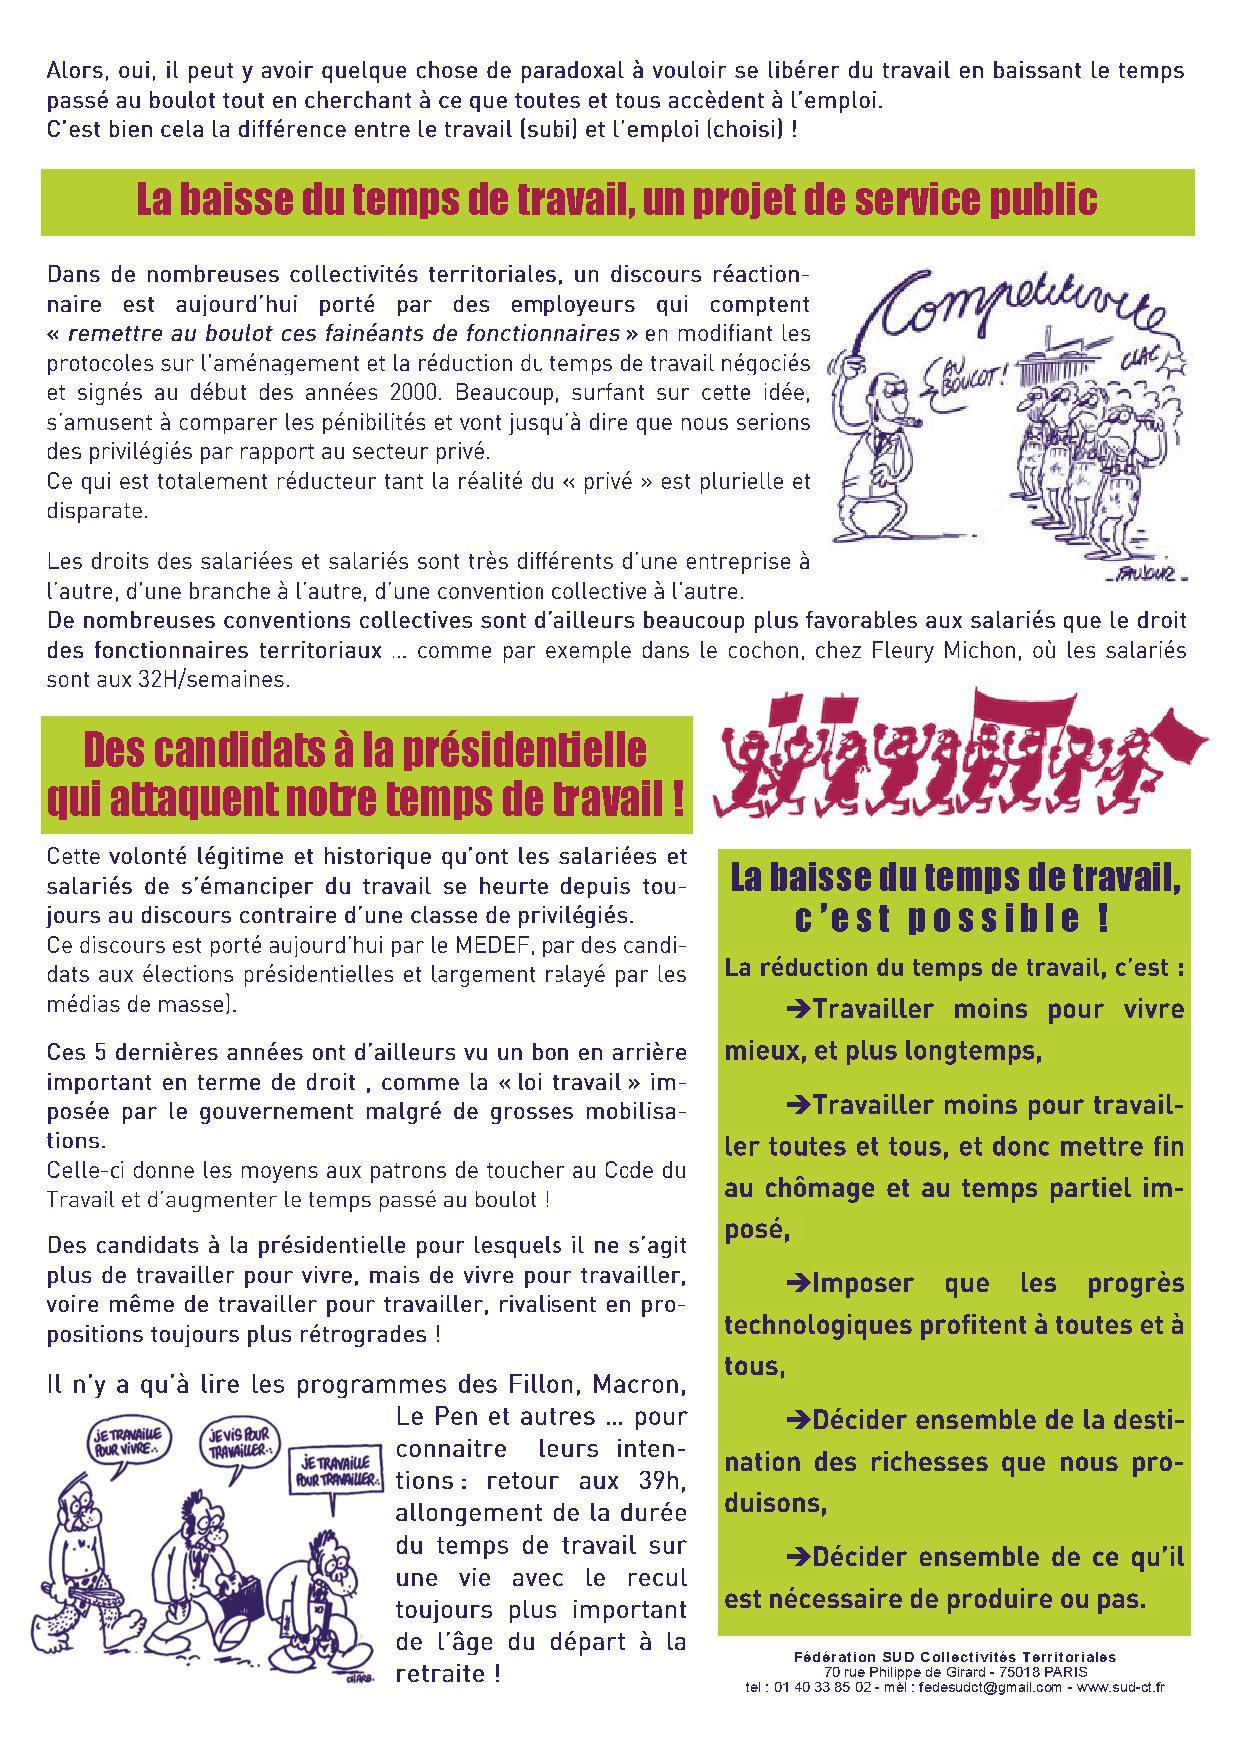 Accueil Sudct31 Ccas De Toulouse